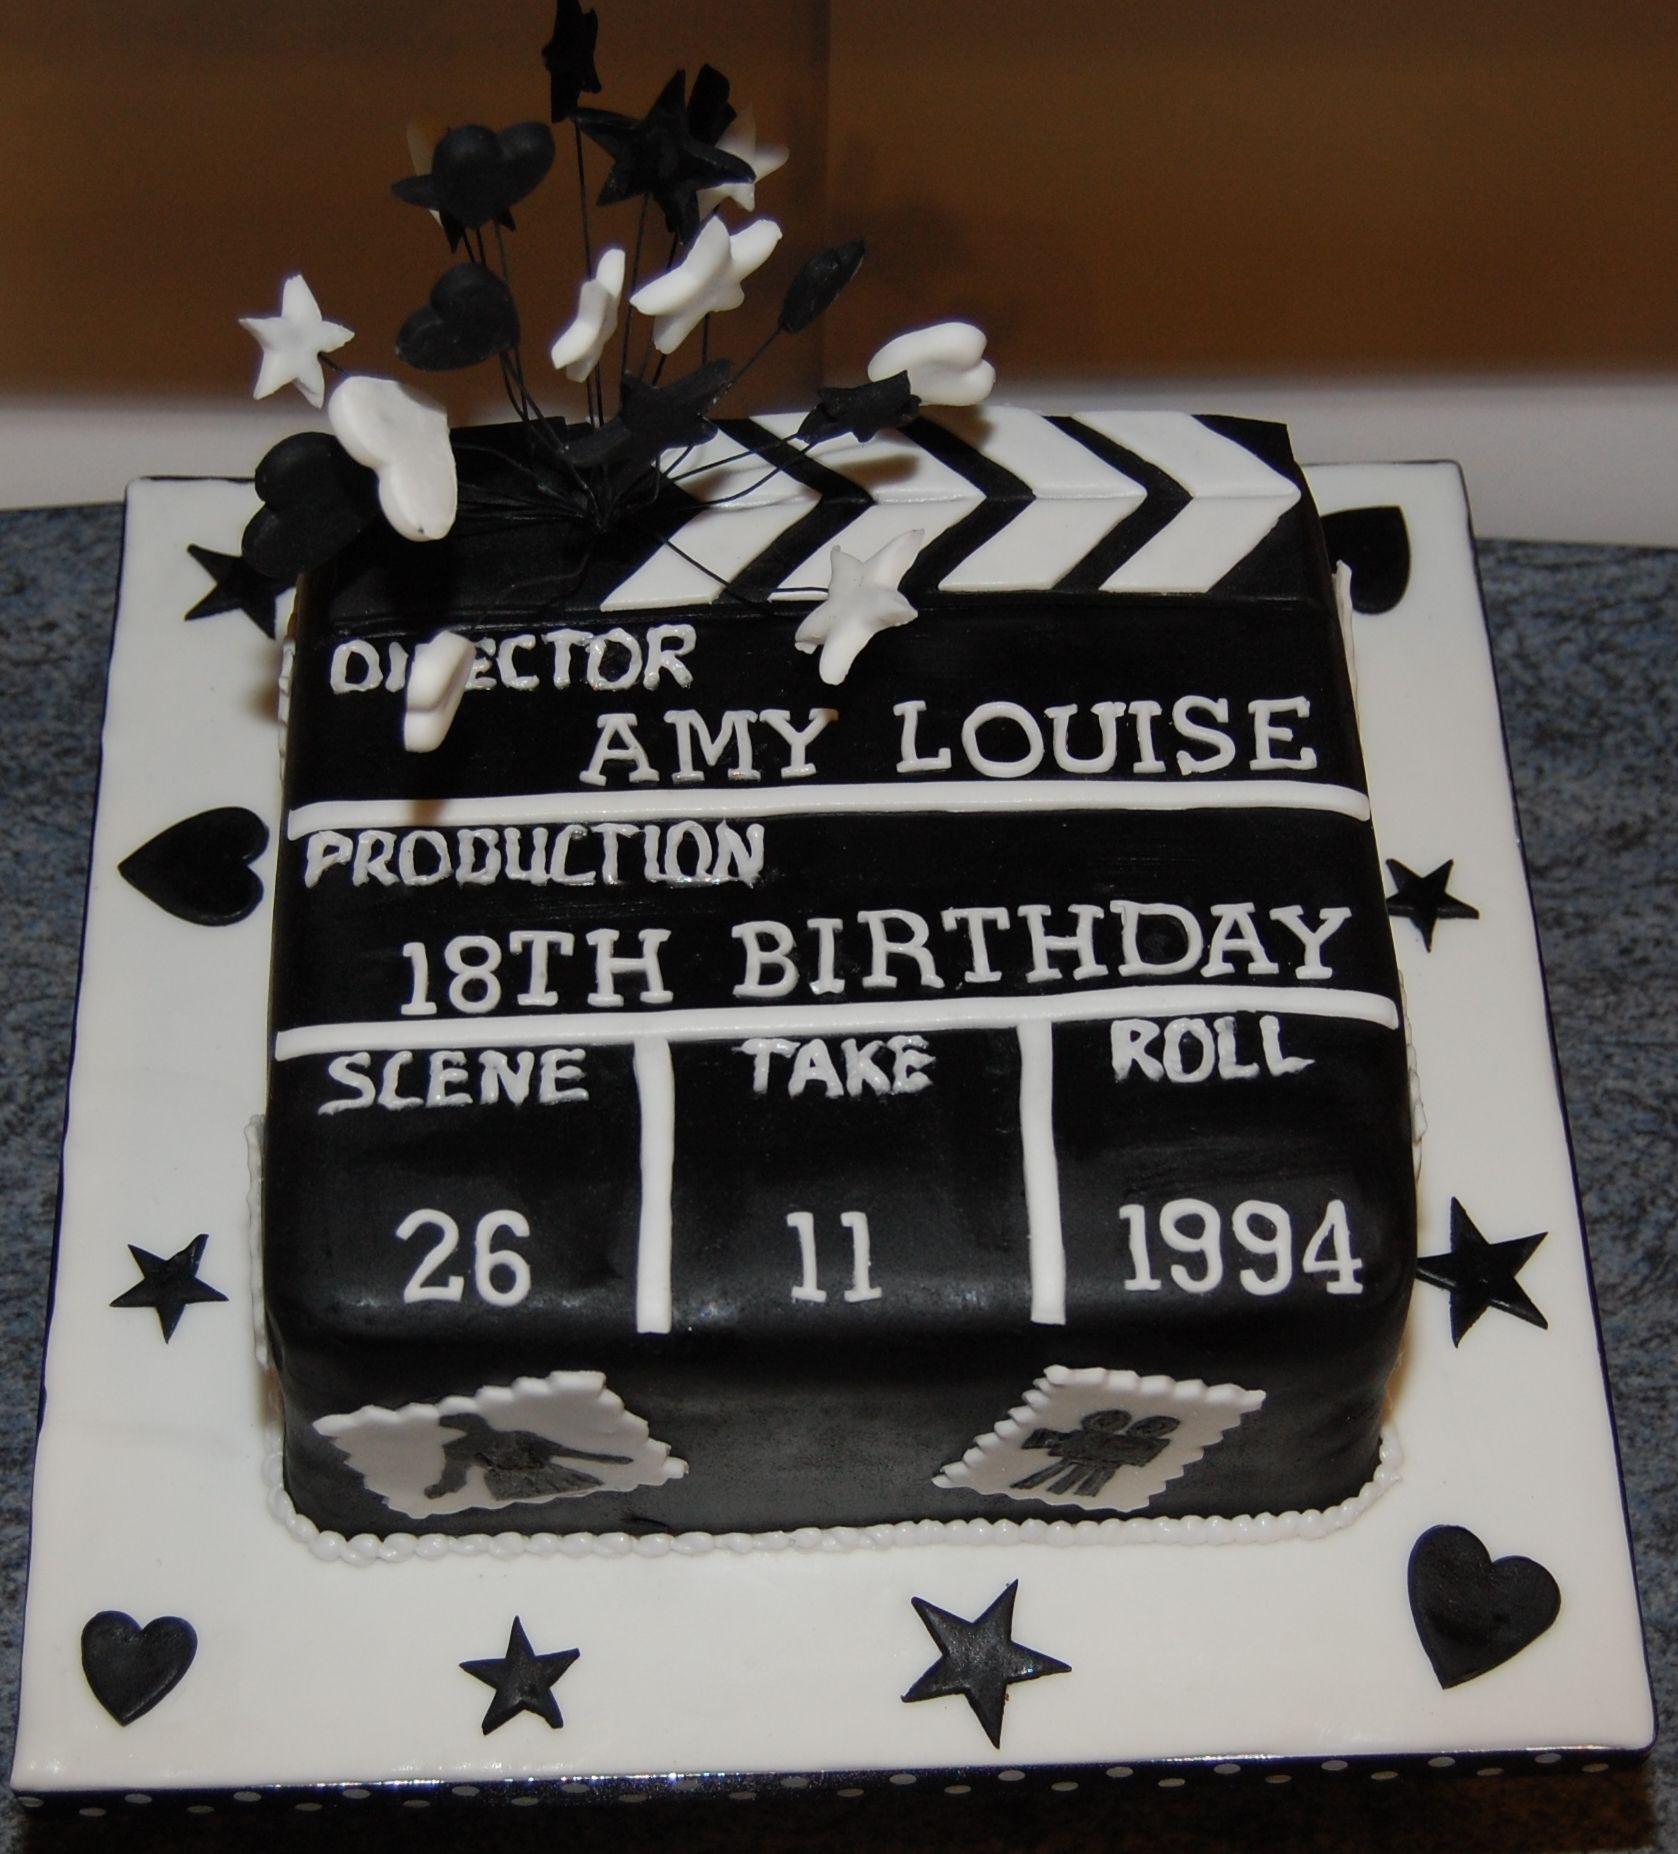 A Clapper Board Birthday Cake For A Th Birthday Celebration - Movie themed birthday cake